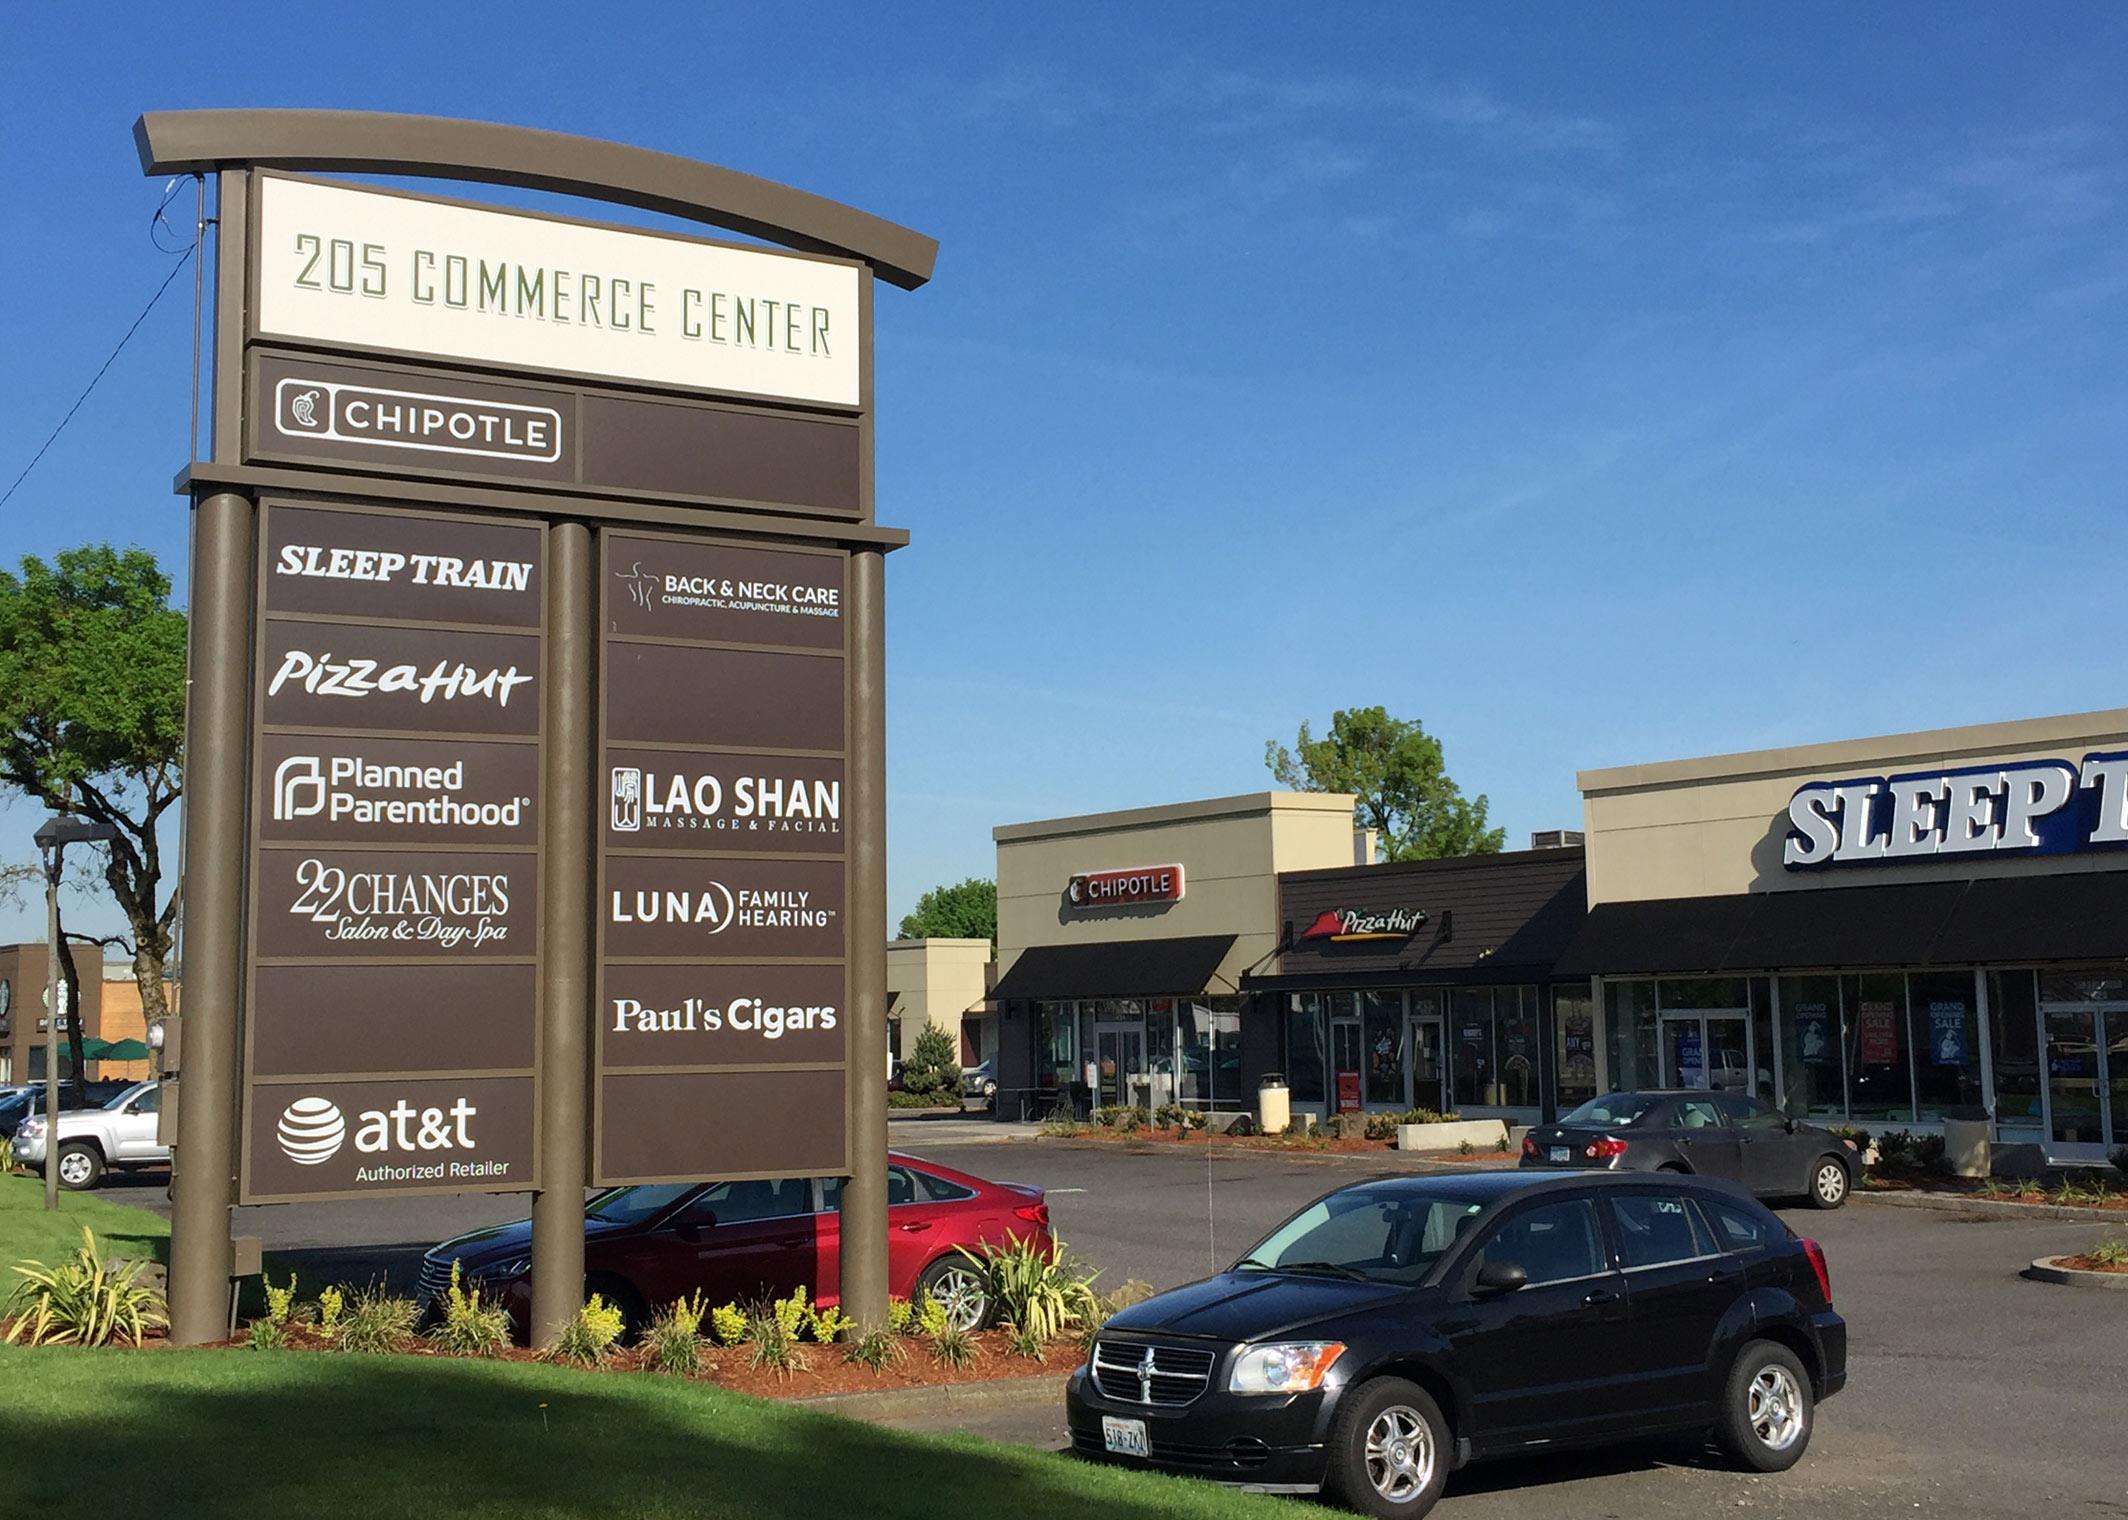 shopping center signage